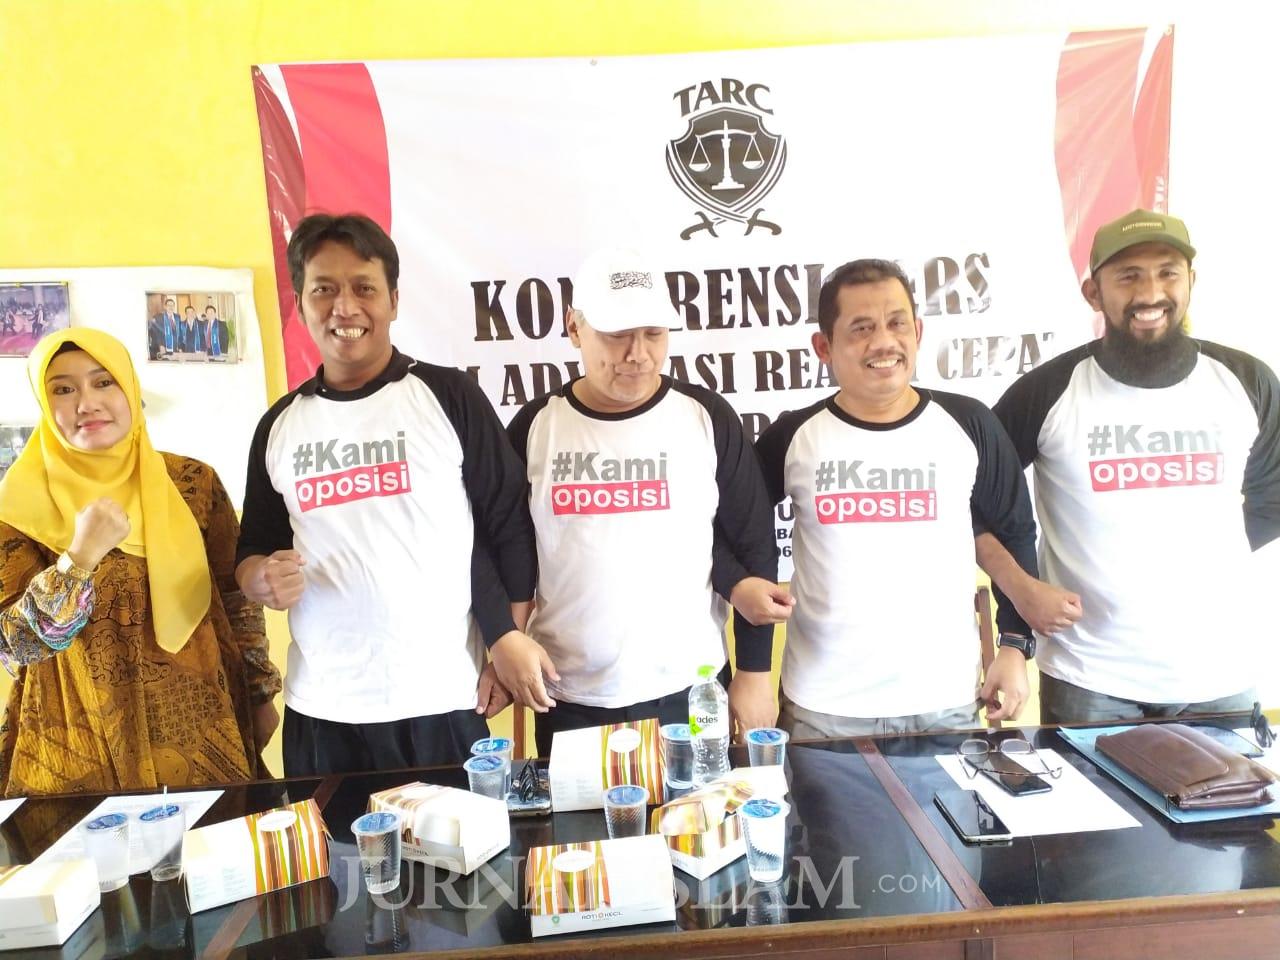 Prabowo Merapat ke Pemerintah, Gerakan #KamiOposisi Dideklarasikan